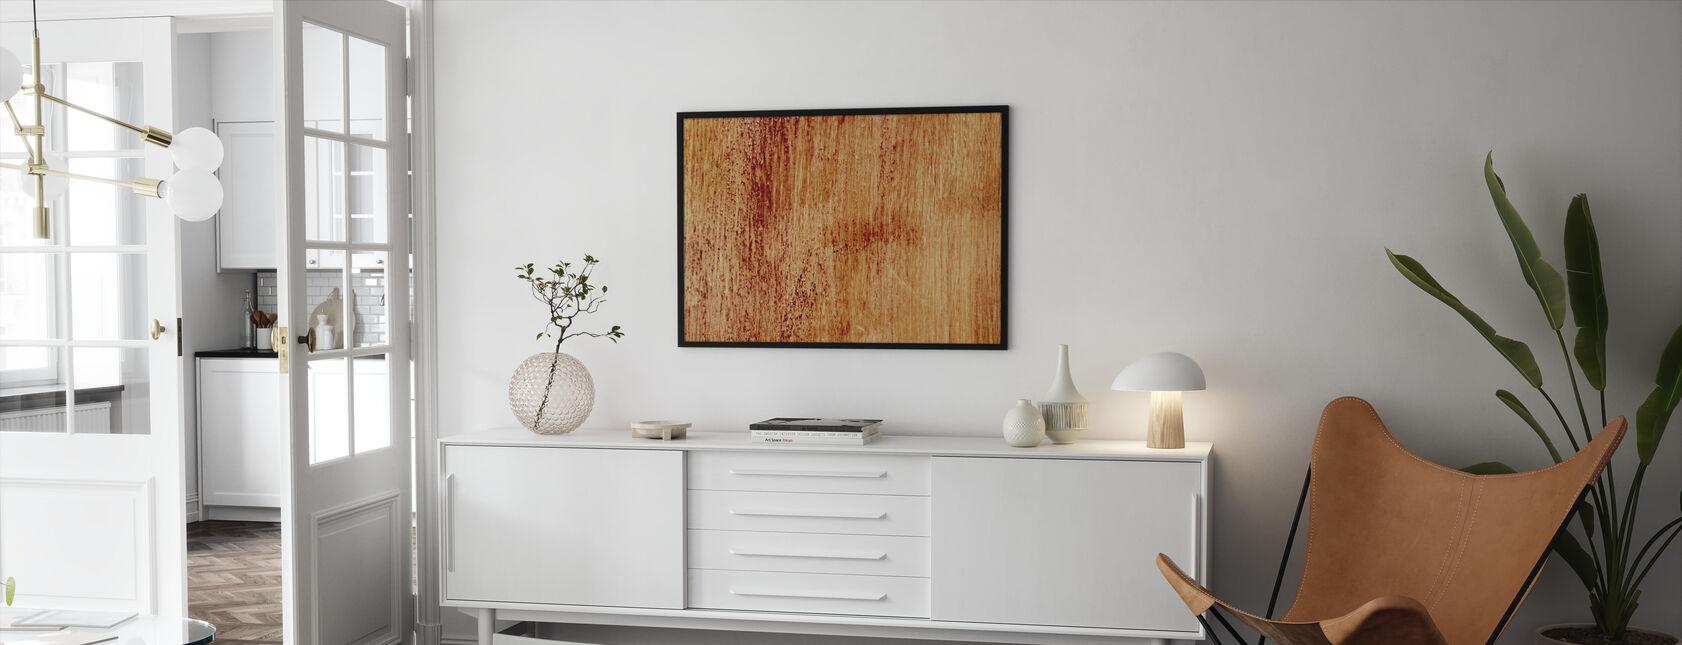 Blutendes Holz Wand - Gerahmtes bild - Wohnzimmer